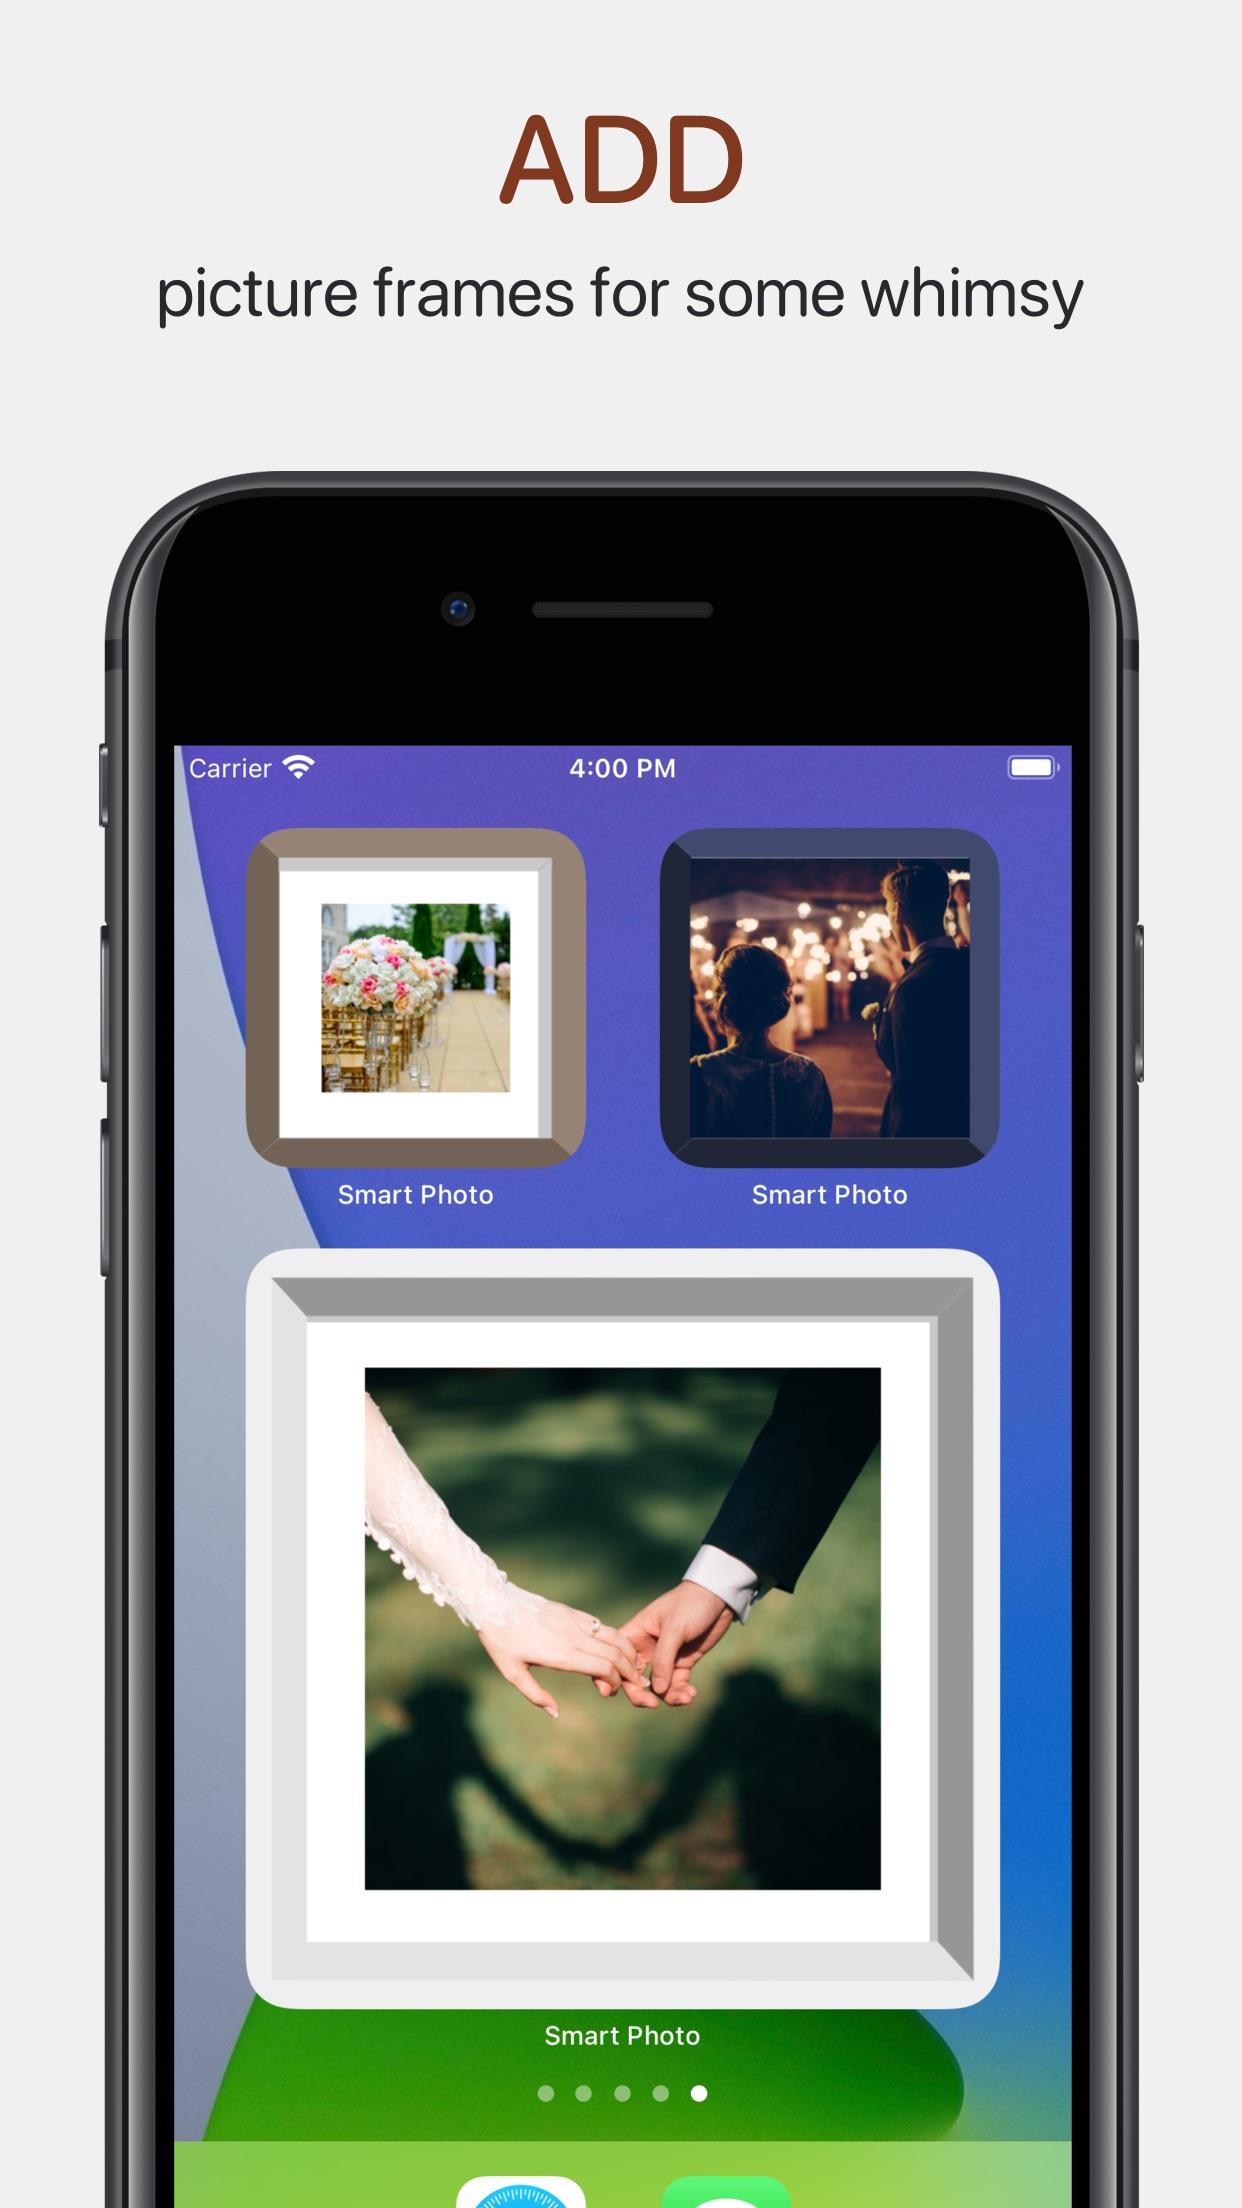 Smart Photo Widget